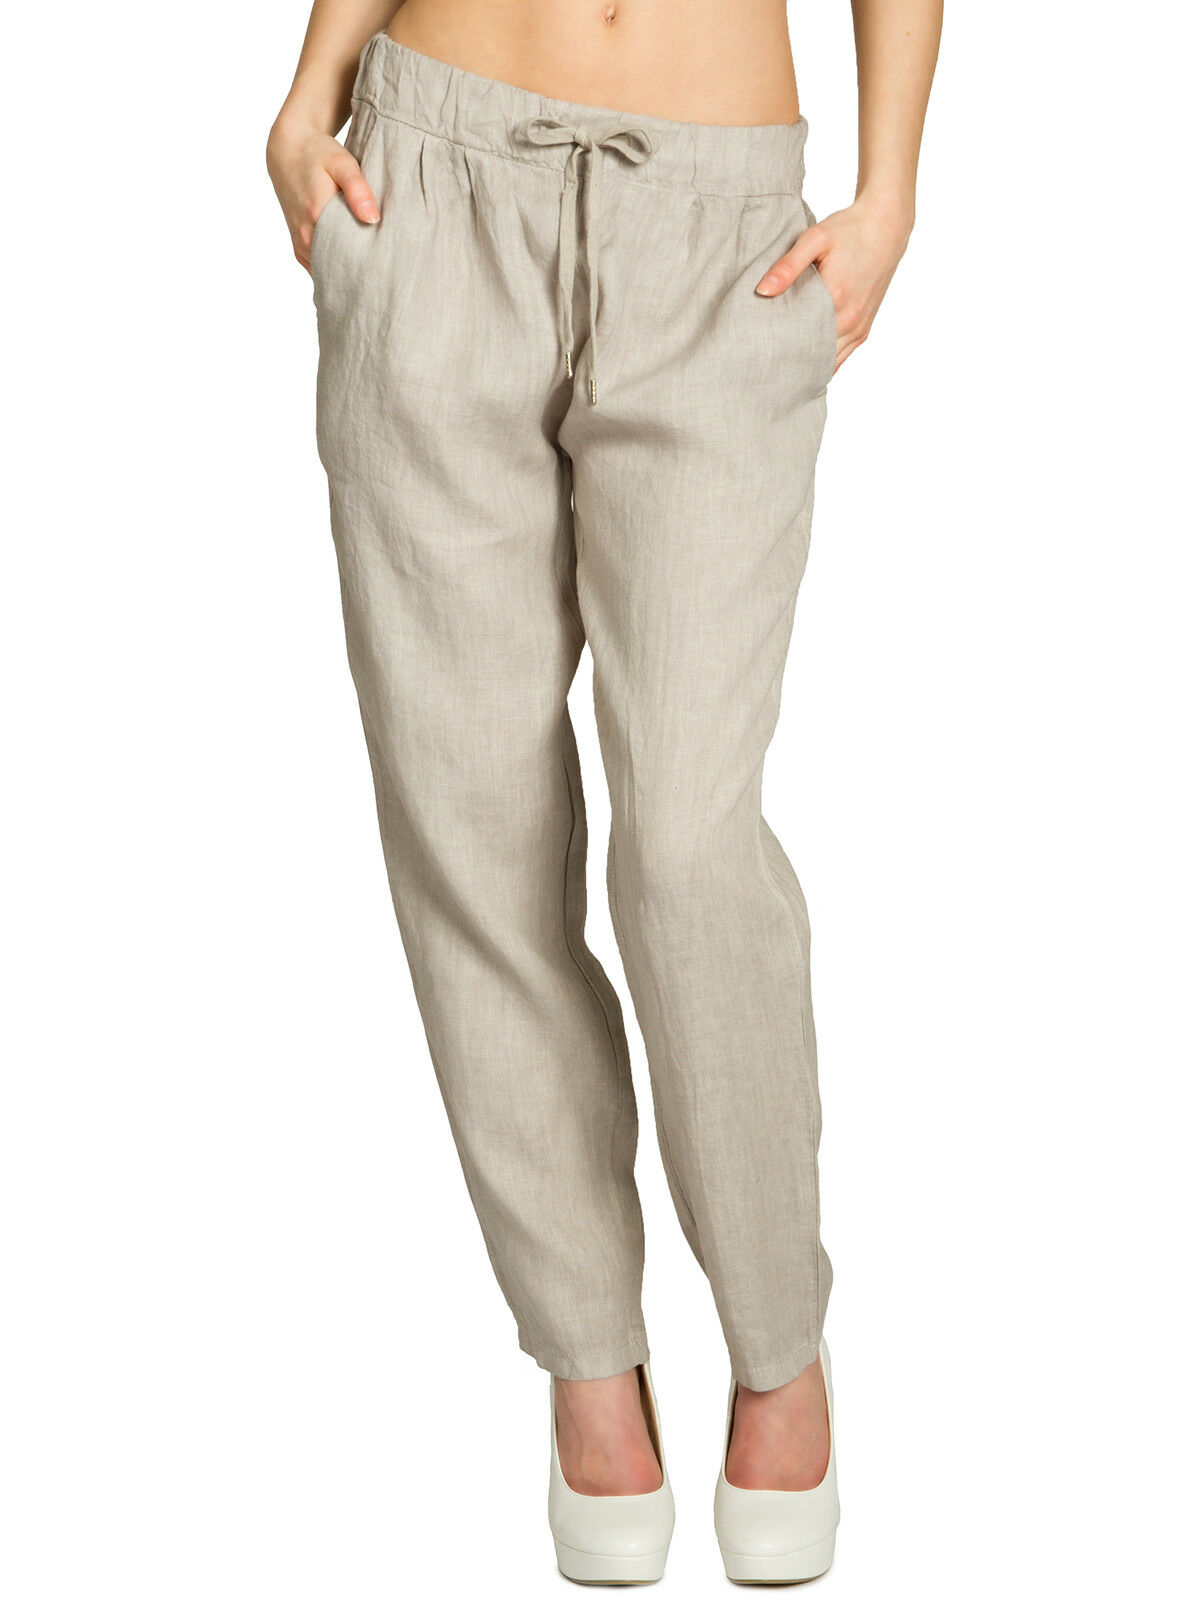 CASPAR KHS045 lange Damen Sommer Hose Leinenhose JogHose leicht elegant lässig